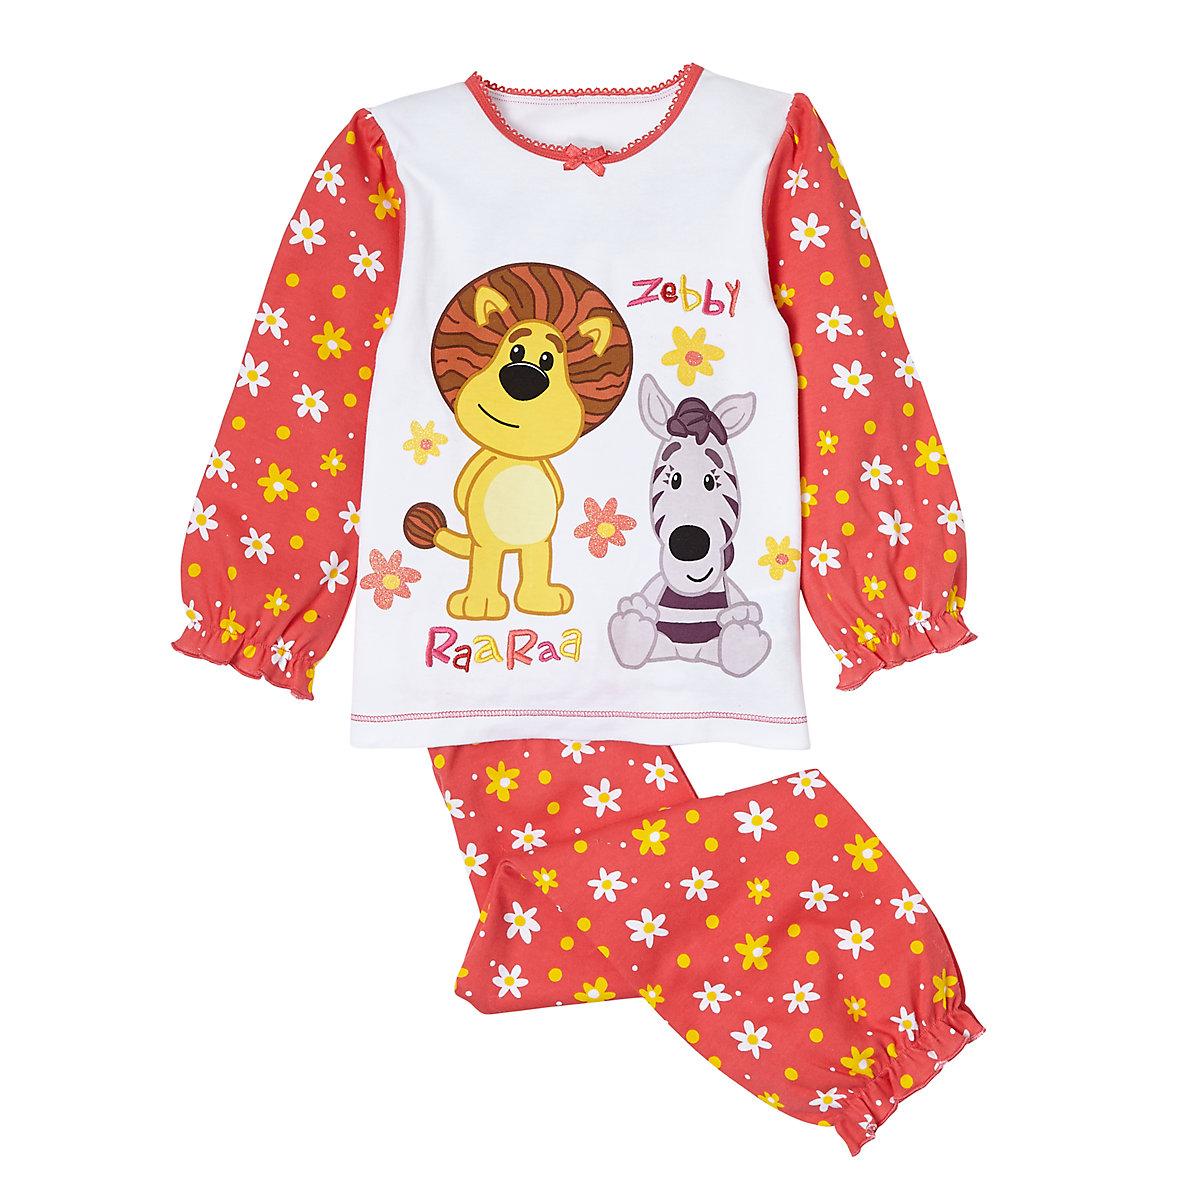 Raa Raa The Noisy Lion Pyjamas - Lion Gifts